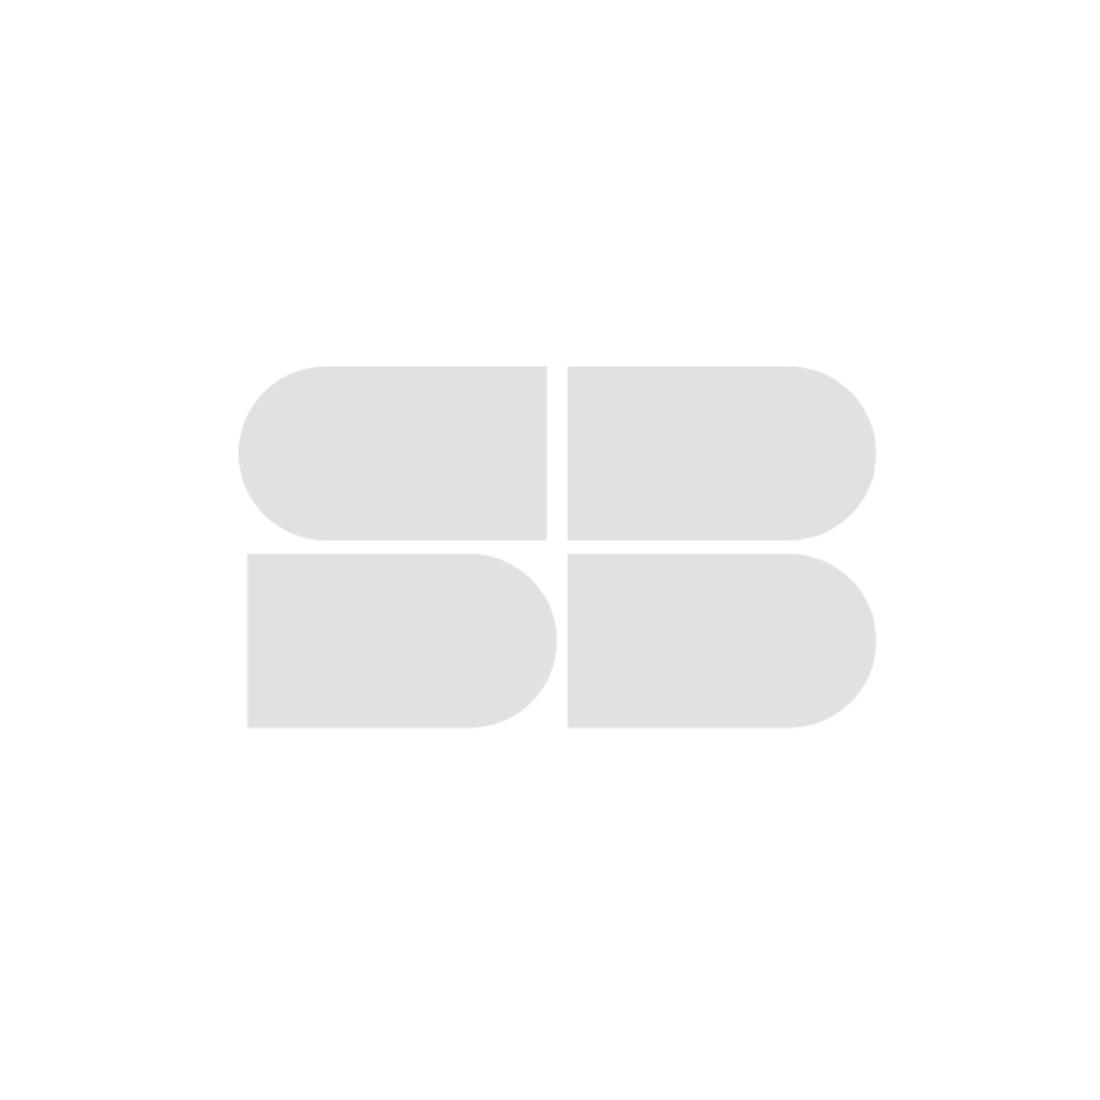 SANTAS ผ้ารองกันเปื้อน แบบรัดมุม ขนาด 6 ฟุต -SANTAS